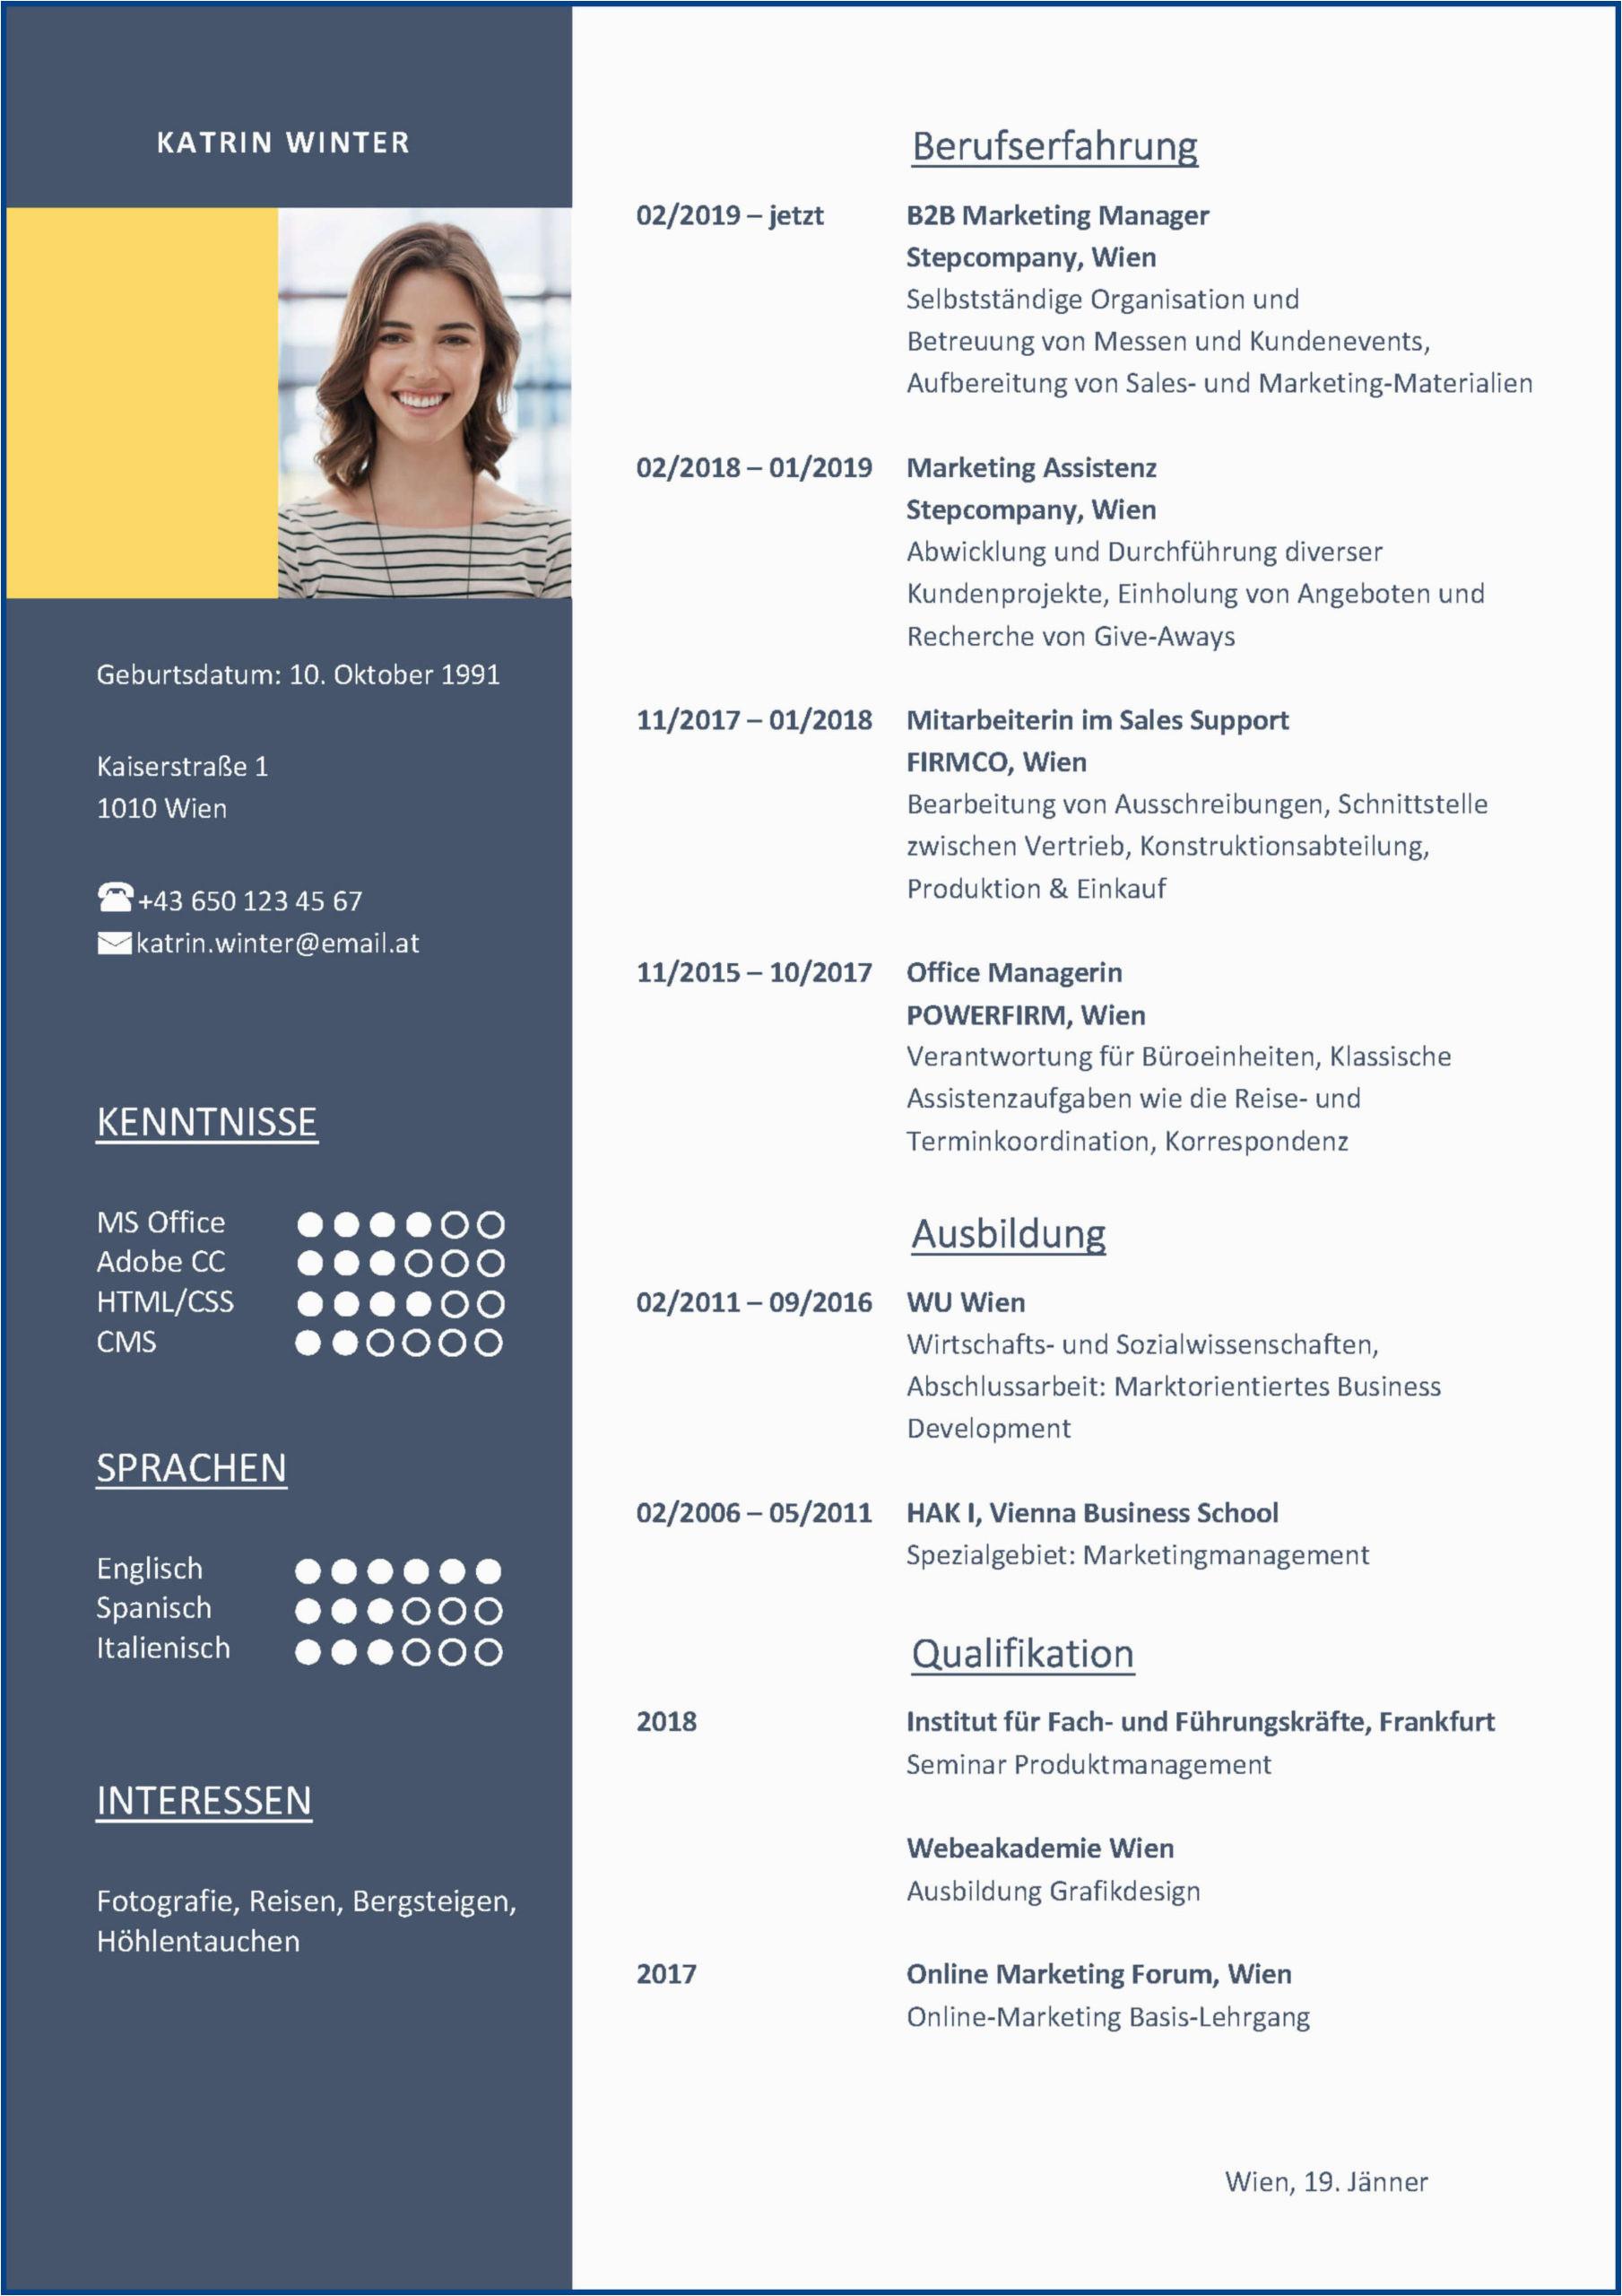 Moderner Lebenslauf Profil Der Perfekte Lebenslauf Aufbau Tipps Und Vorlagen